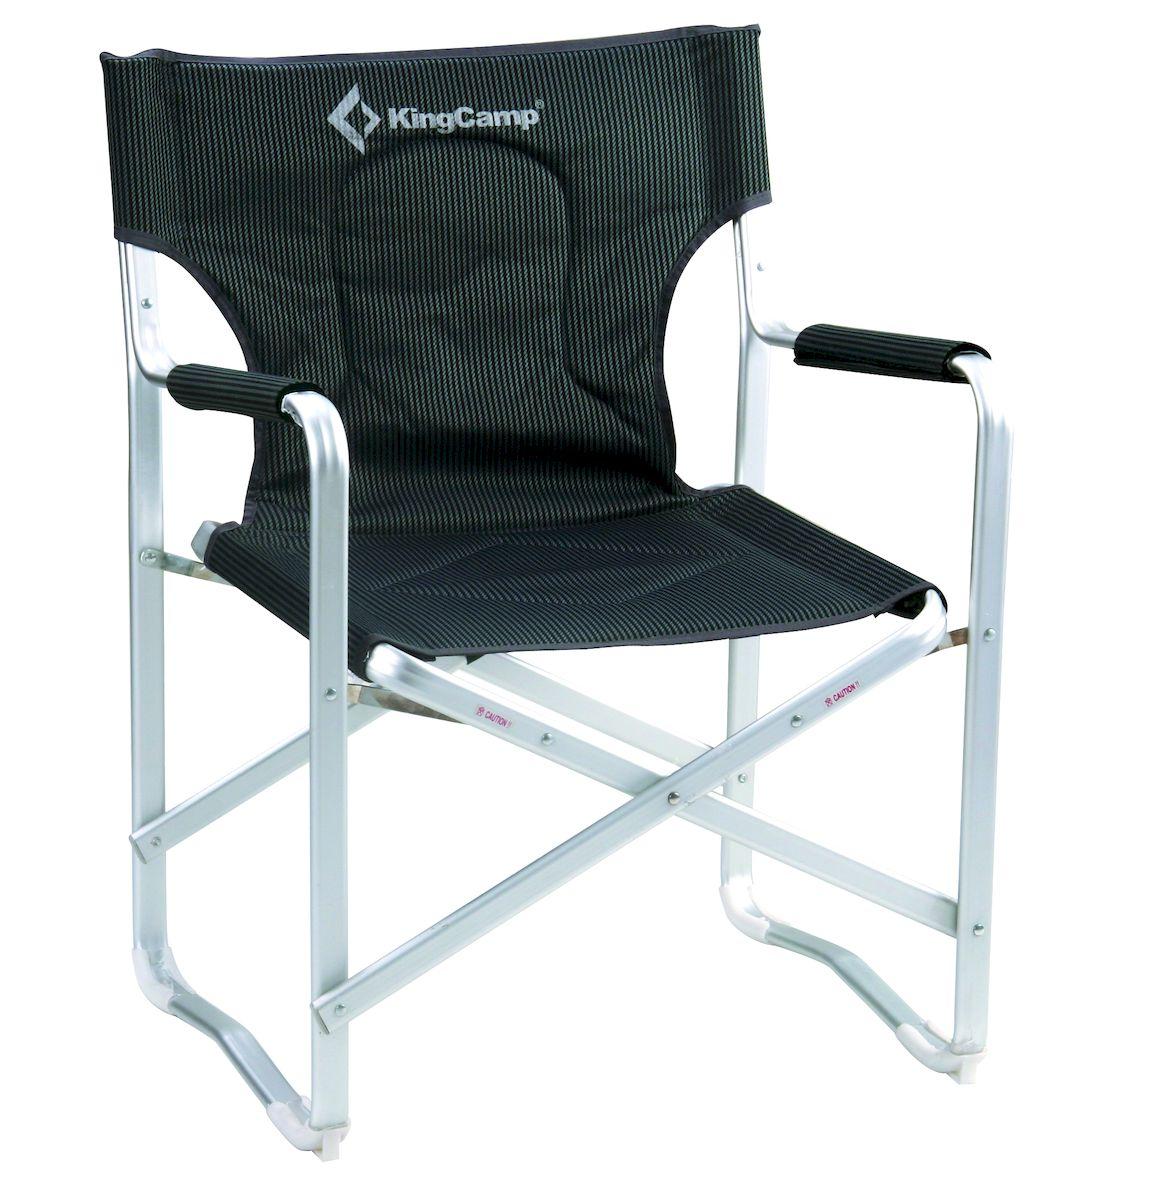 Кресло складное KingCamp DIRECTOR DELUX KC3811, цвет: черно-серыйУТ-000049511Складное кресло с подлокотниками KingCamp DIRECTOR DELUX KC3811 станет незаменимым в походе, на природе, на рыбалке или на даче. Кресло имеет прочный каркас из алюминия и покрытие из ткани Oxford PVC (полиэстер). Кресло легко собирается и разбирается и не занимает много места. Ширина: 63 см (сиденье 54 см).Глубина: 53 см. Высота: 84 см (сиденье 43 см).Вес: 3,5 кг.